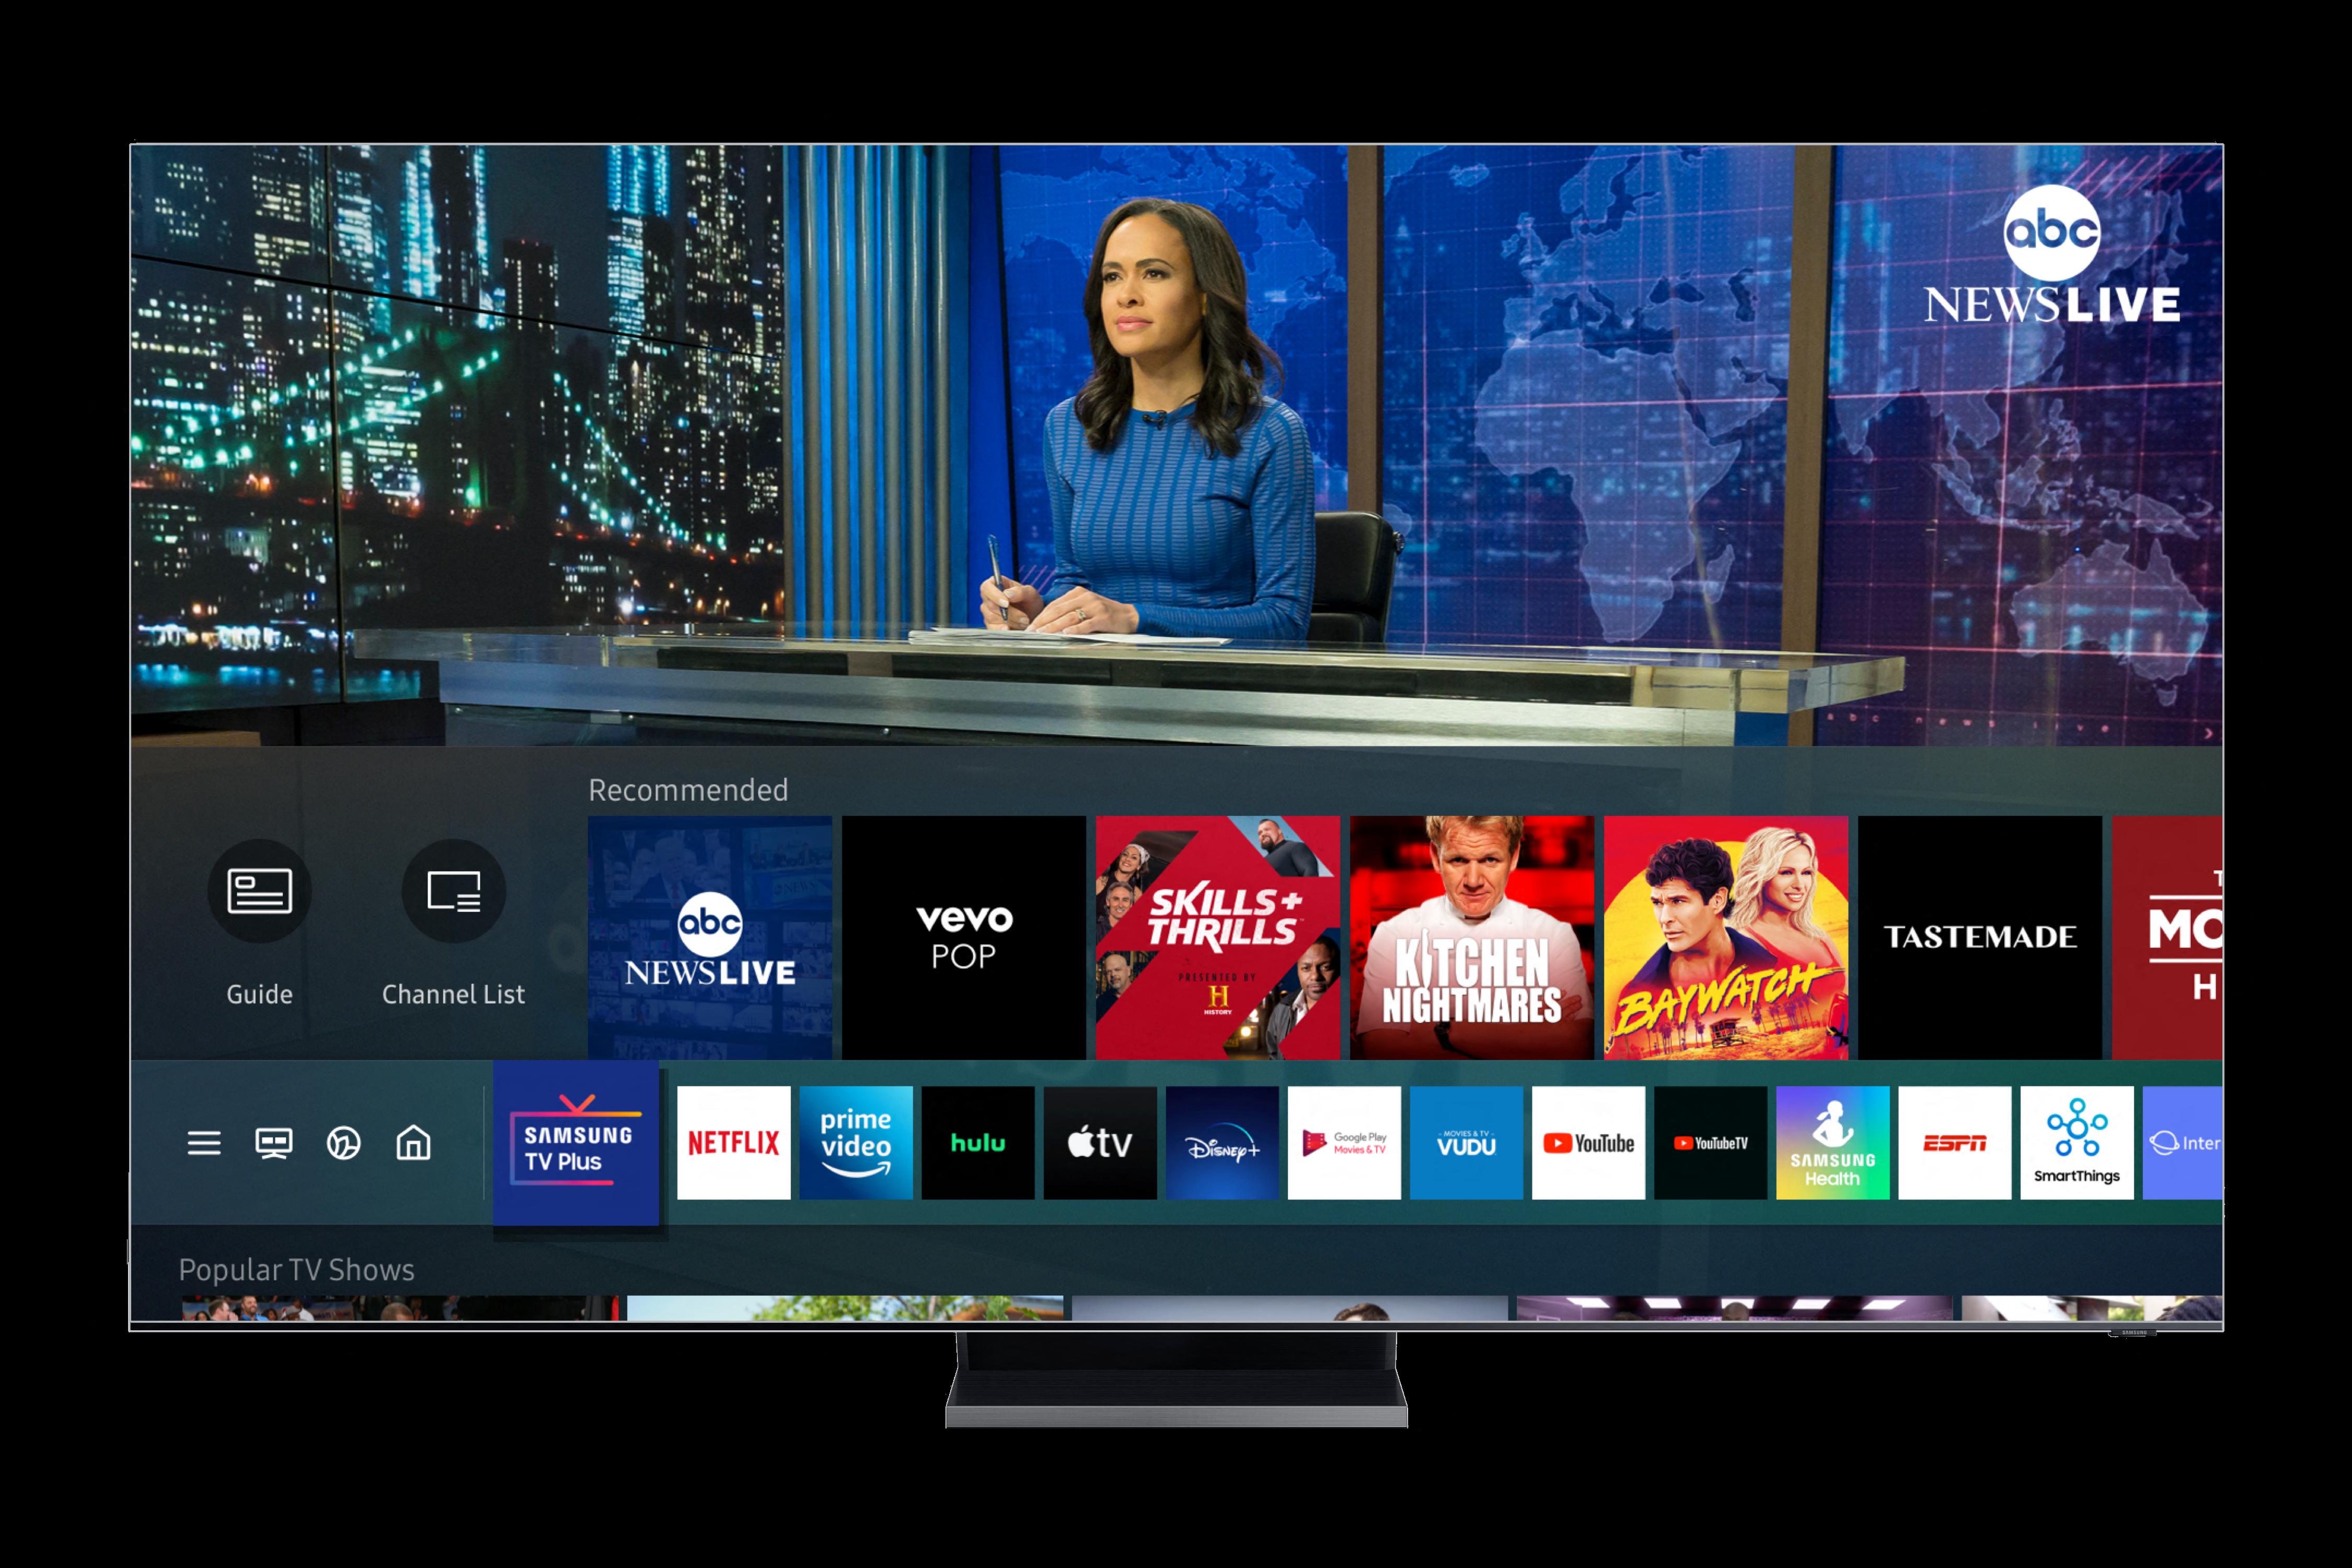 TV Plus UI Image